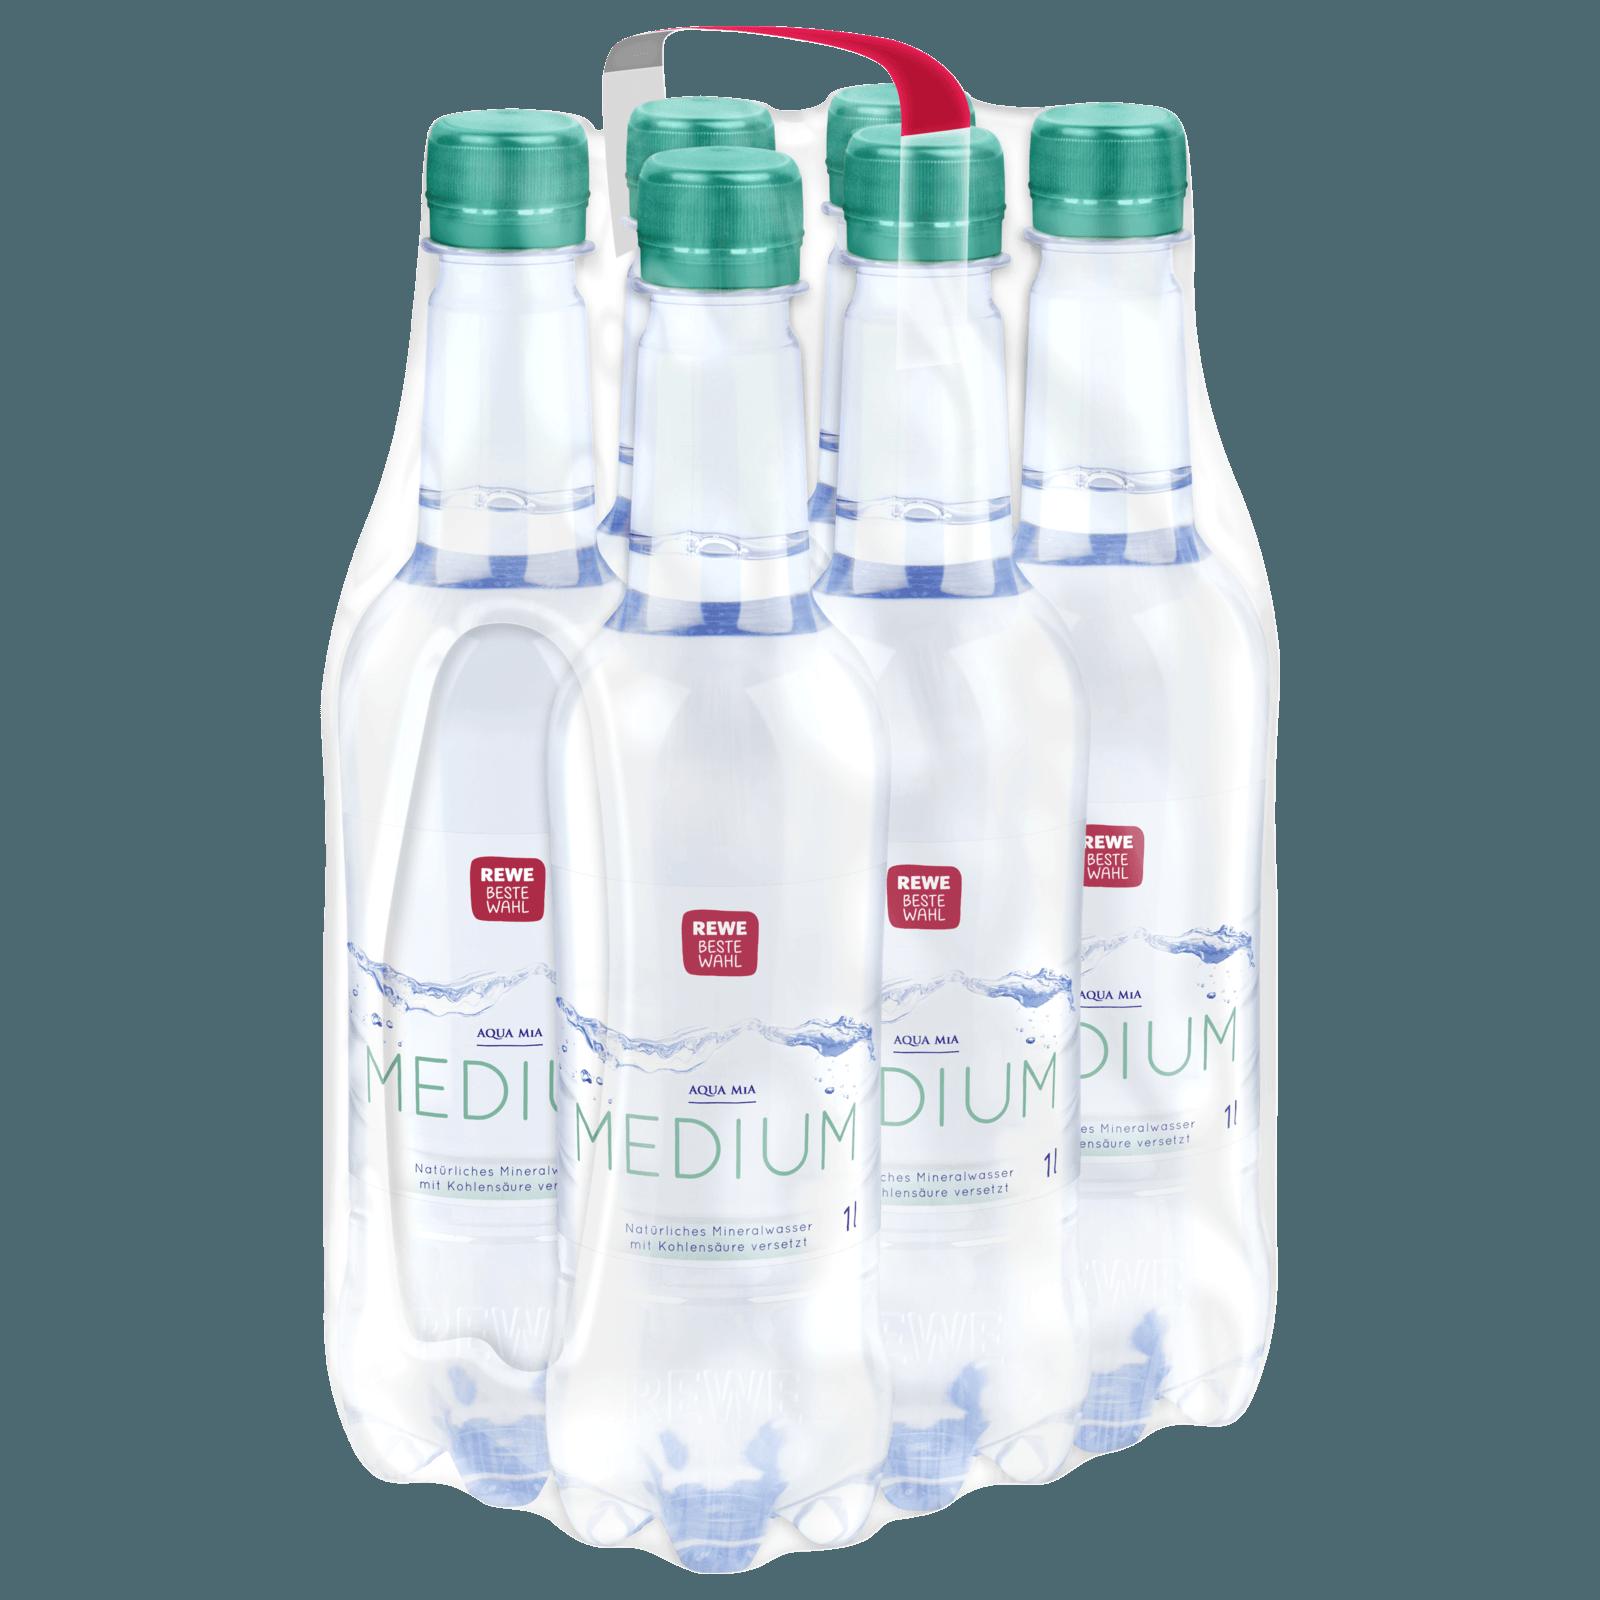 REWE Beste Wahl Mineralwasser Medium 6x1l